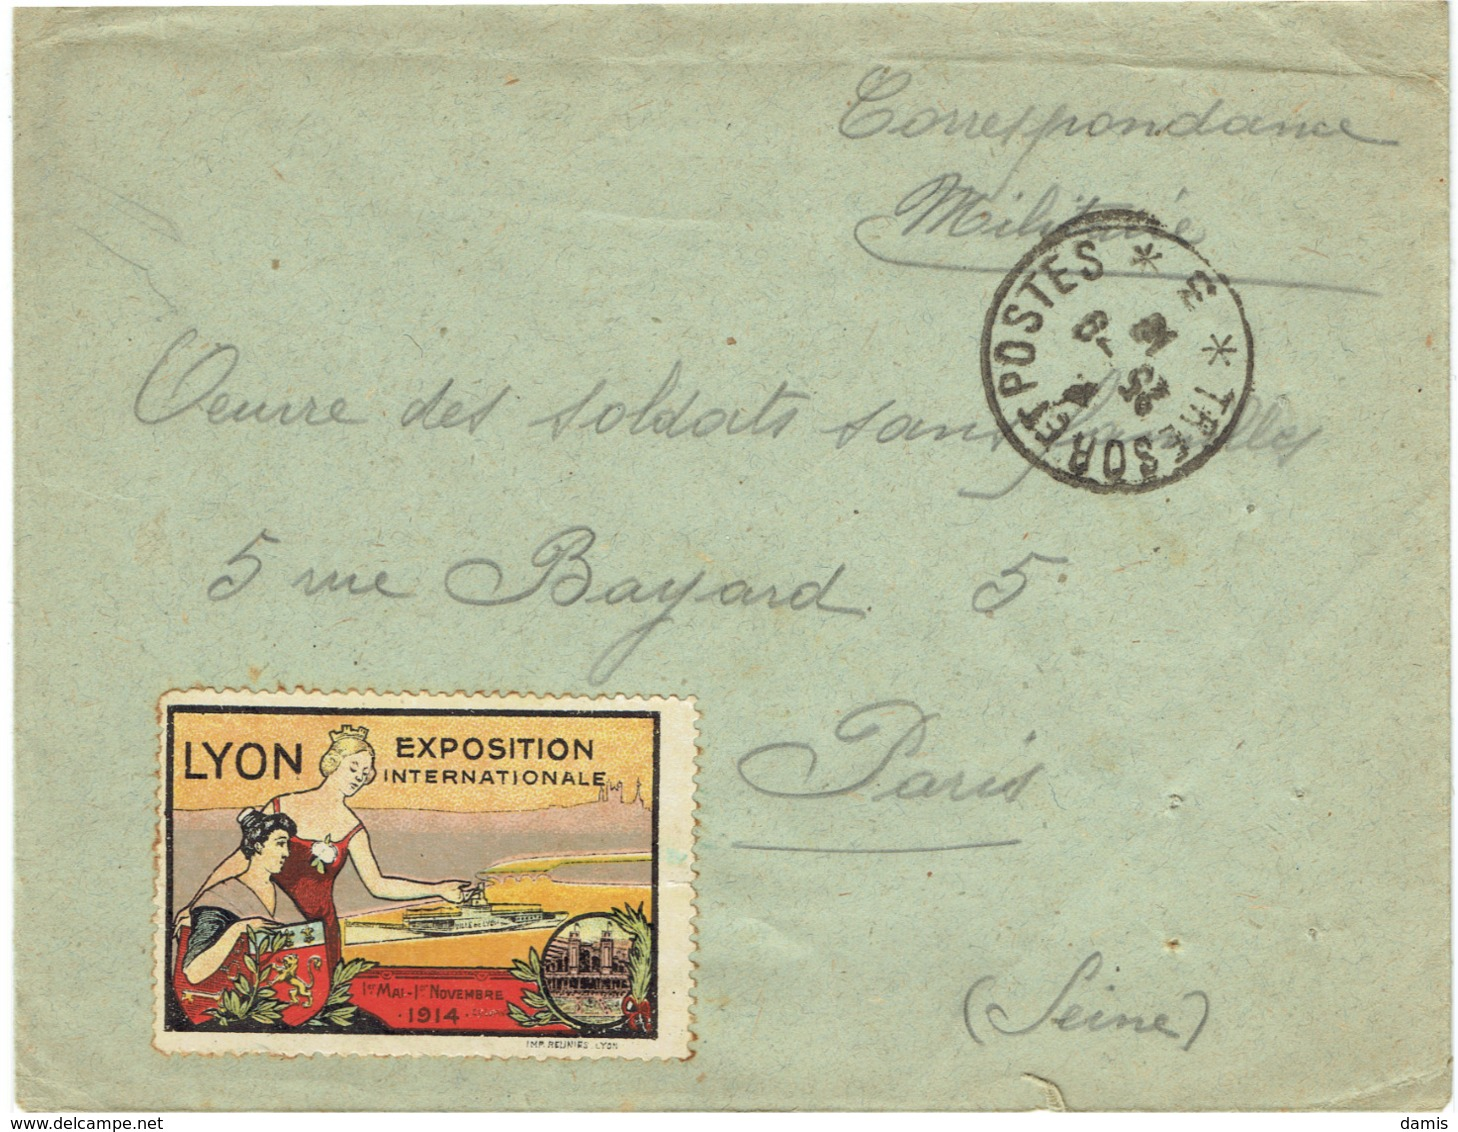 Expo Inter; Lyon 1914 Sur Lettre En Franchise - Autres